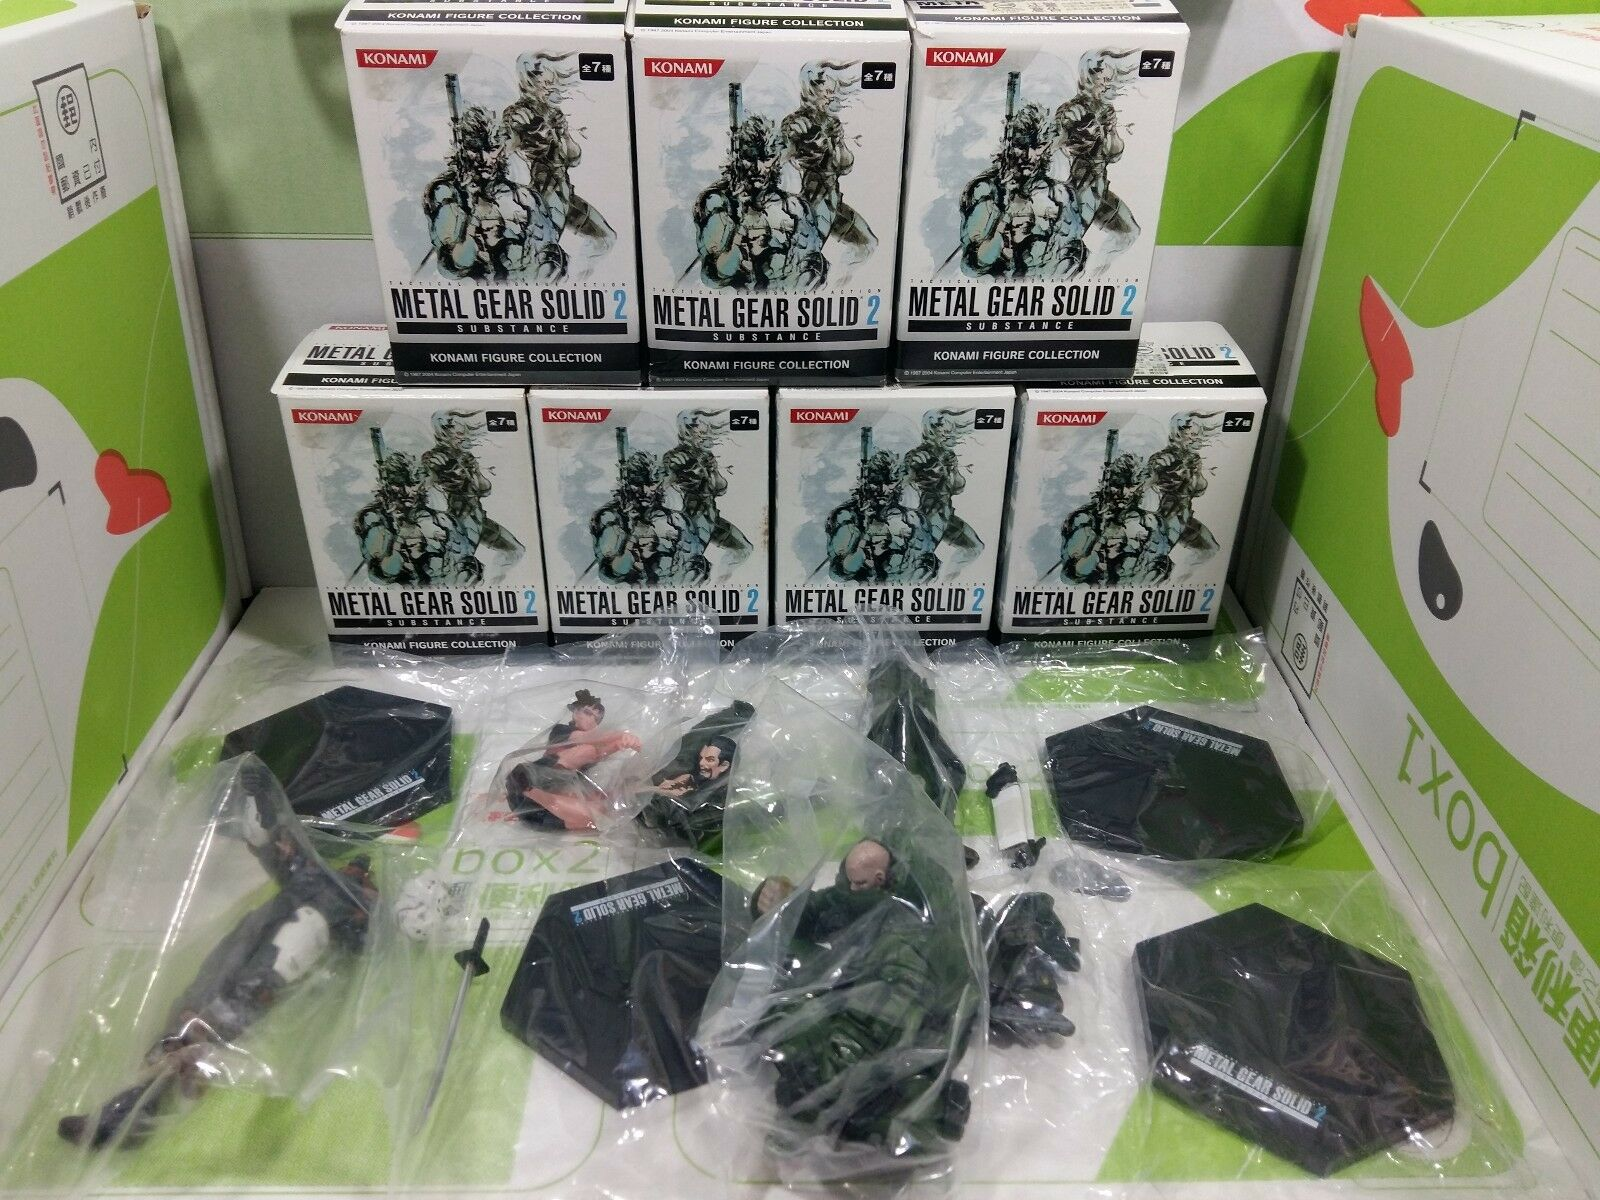 Los engranajes metálicos de la serie Konami Figura son sólidos, dos sustancias, siete piezas, completamente nuevas.